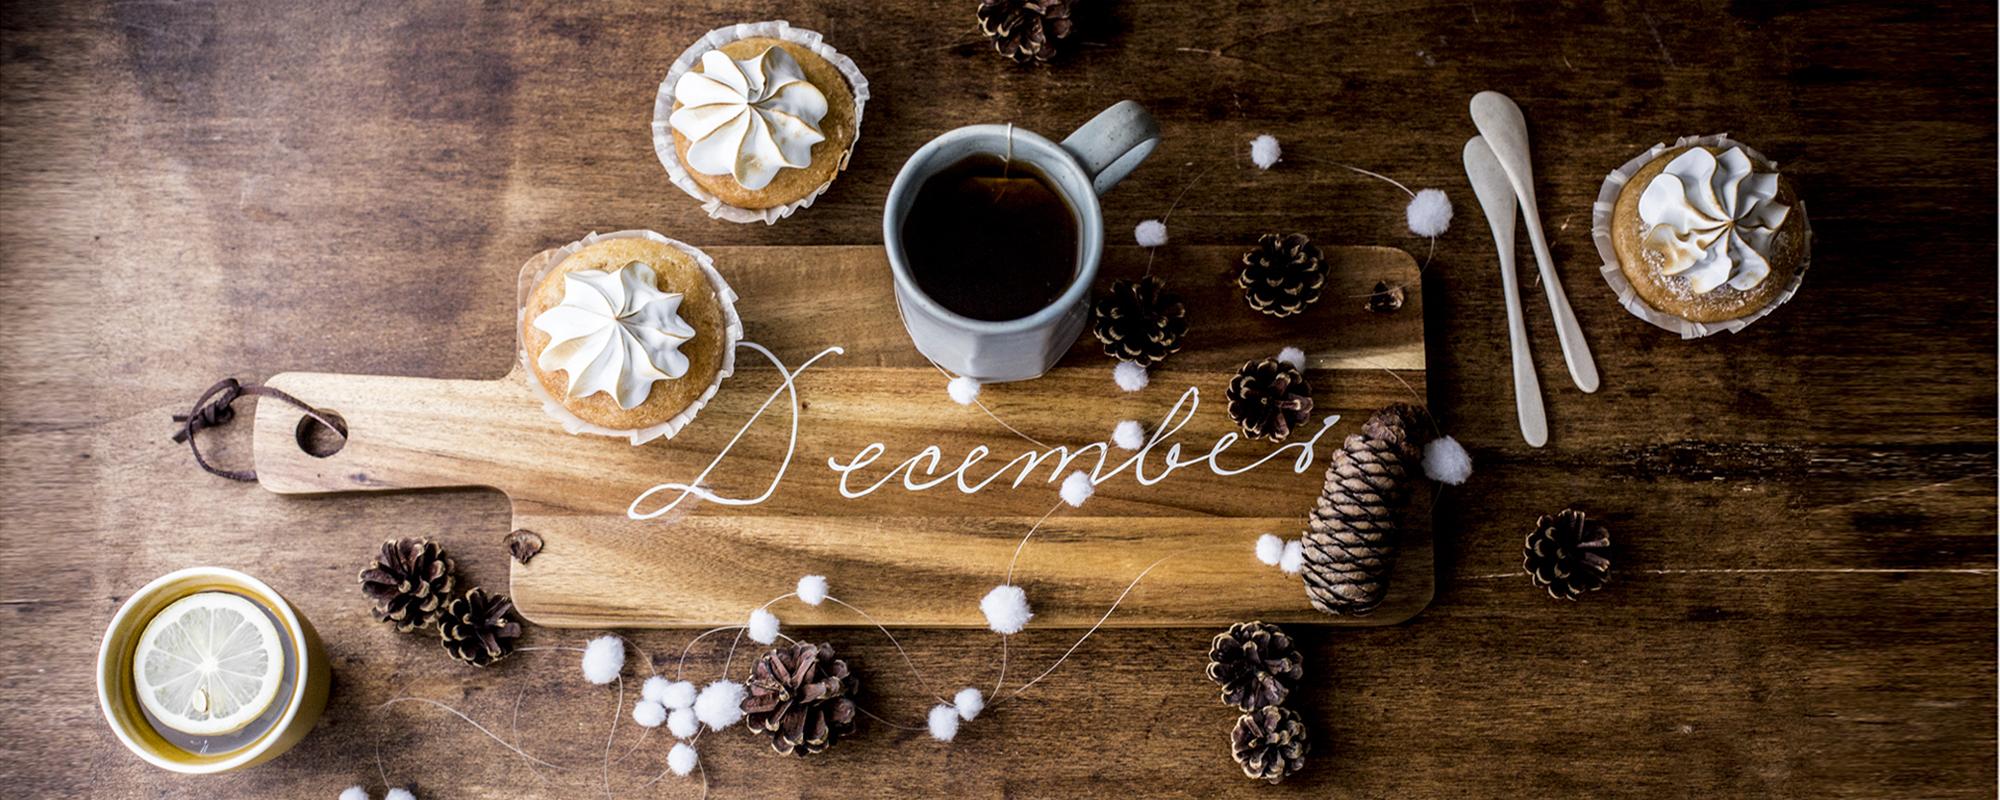 Benvenuto Dicembre by Vaniglia - Storie di Cucina